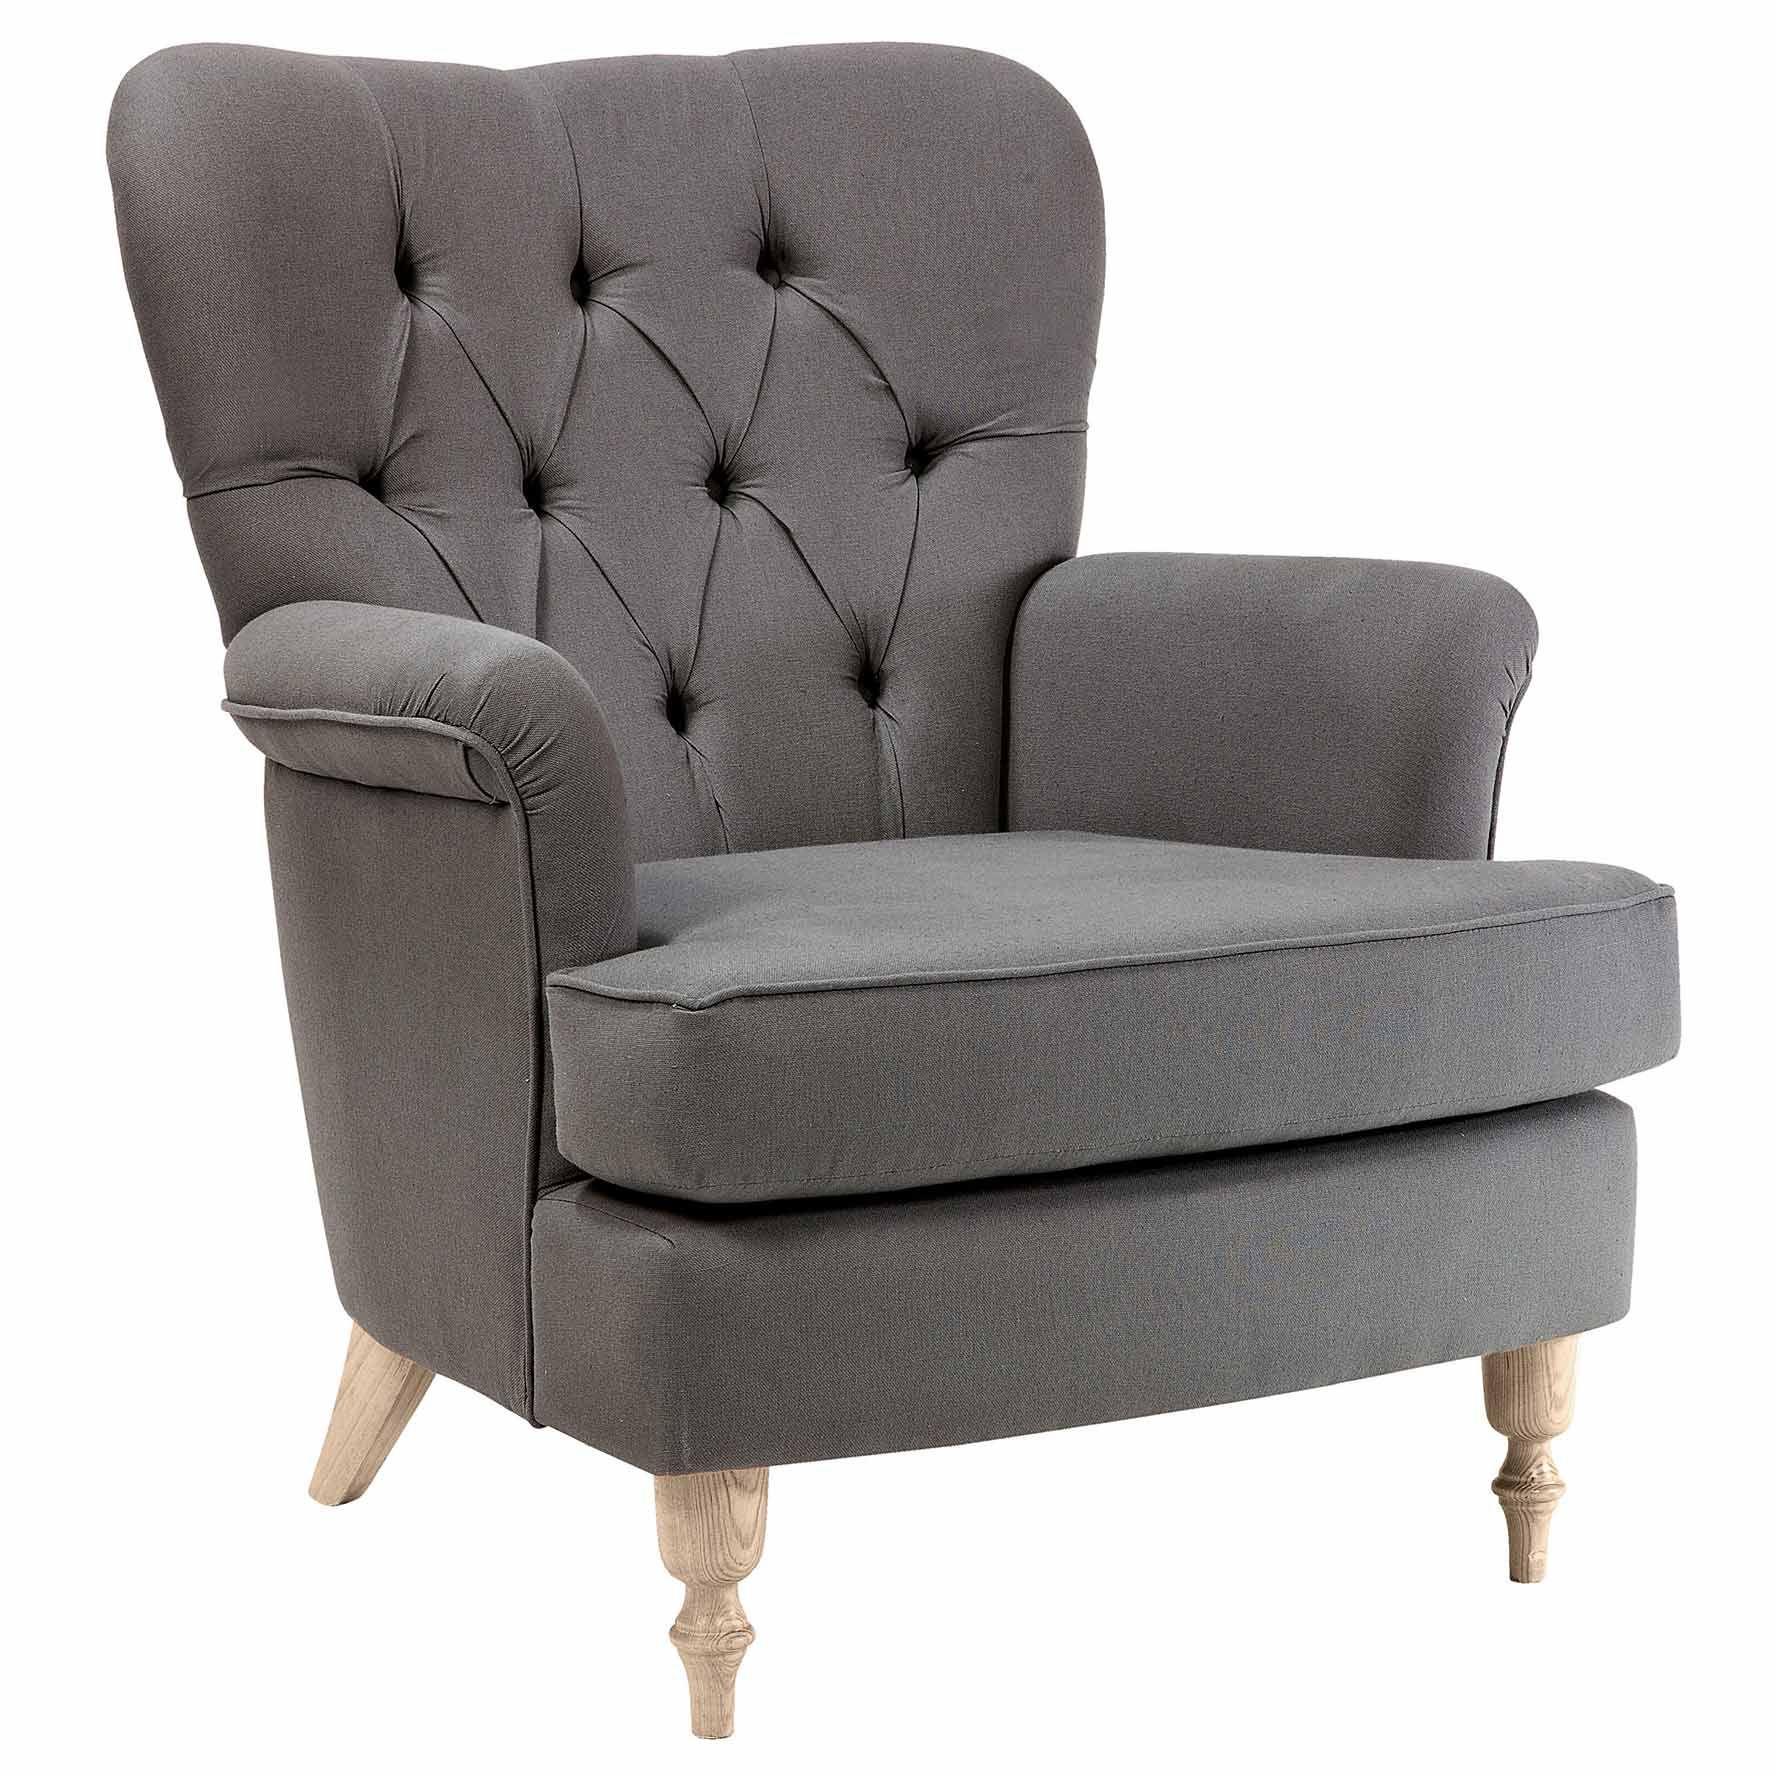 fauteuil tissu dossier capitonn avec pieds bois demeure. Black Bedroom Furniture Sets. Home Design Ideas